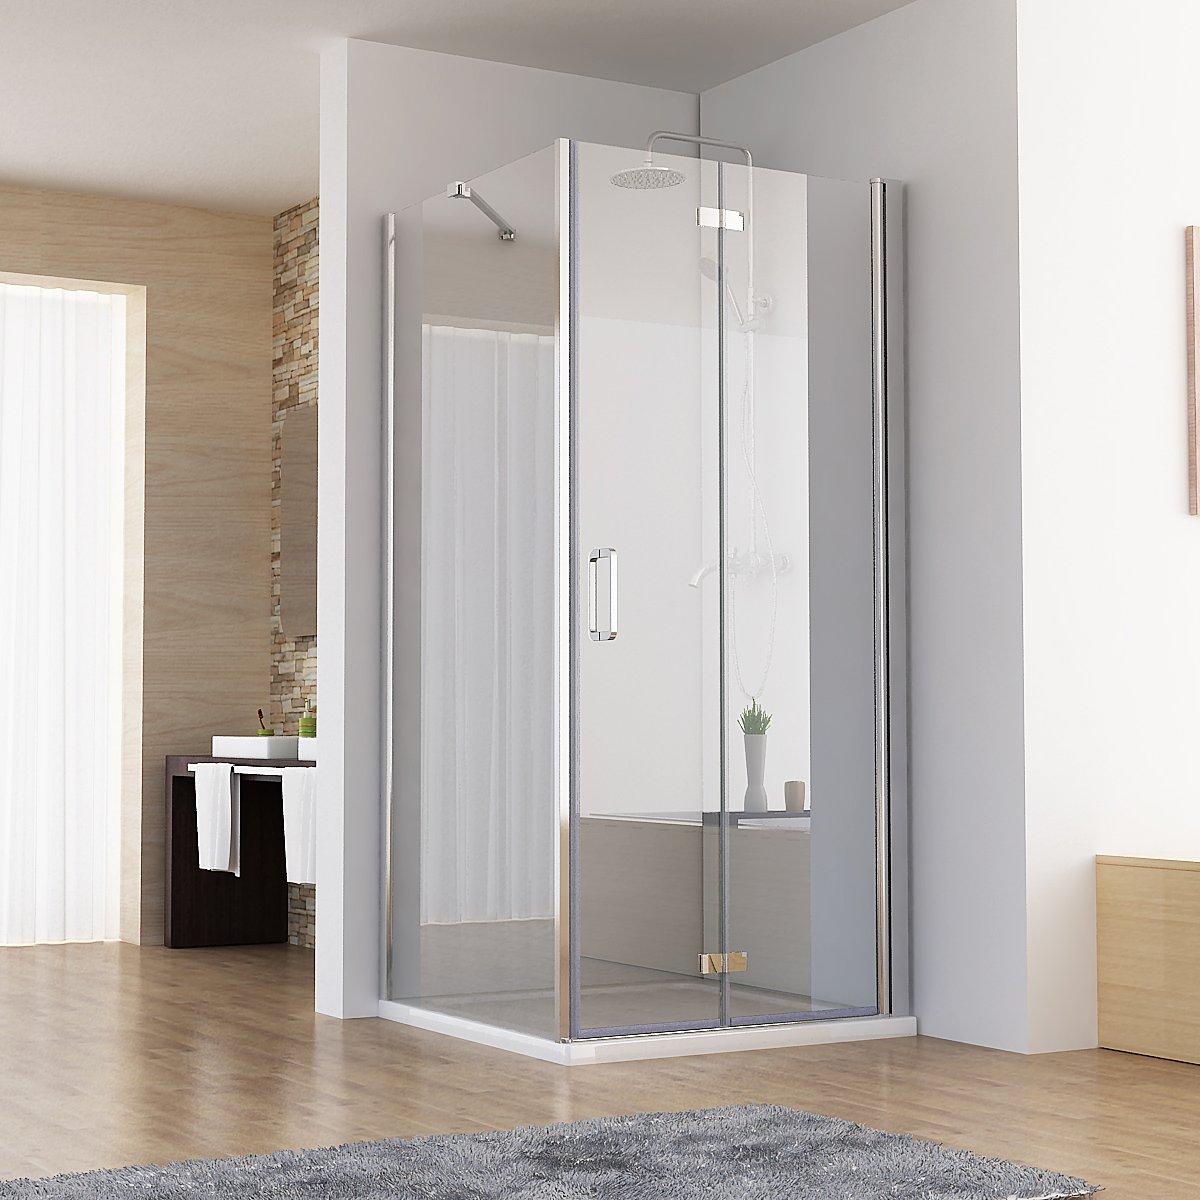 100 x 70 x 197 cm Duschkabine Eckeinstieg Dusche Falttür Duschwand mit Duschtasse Duschwanne